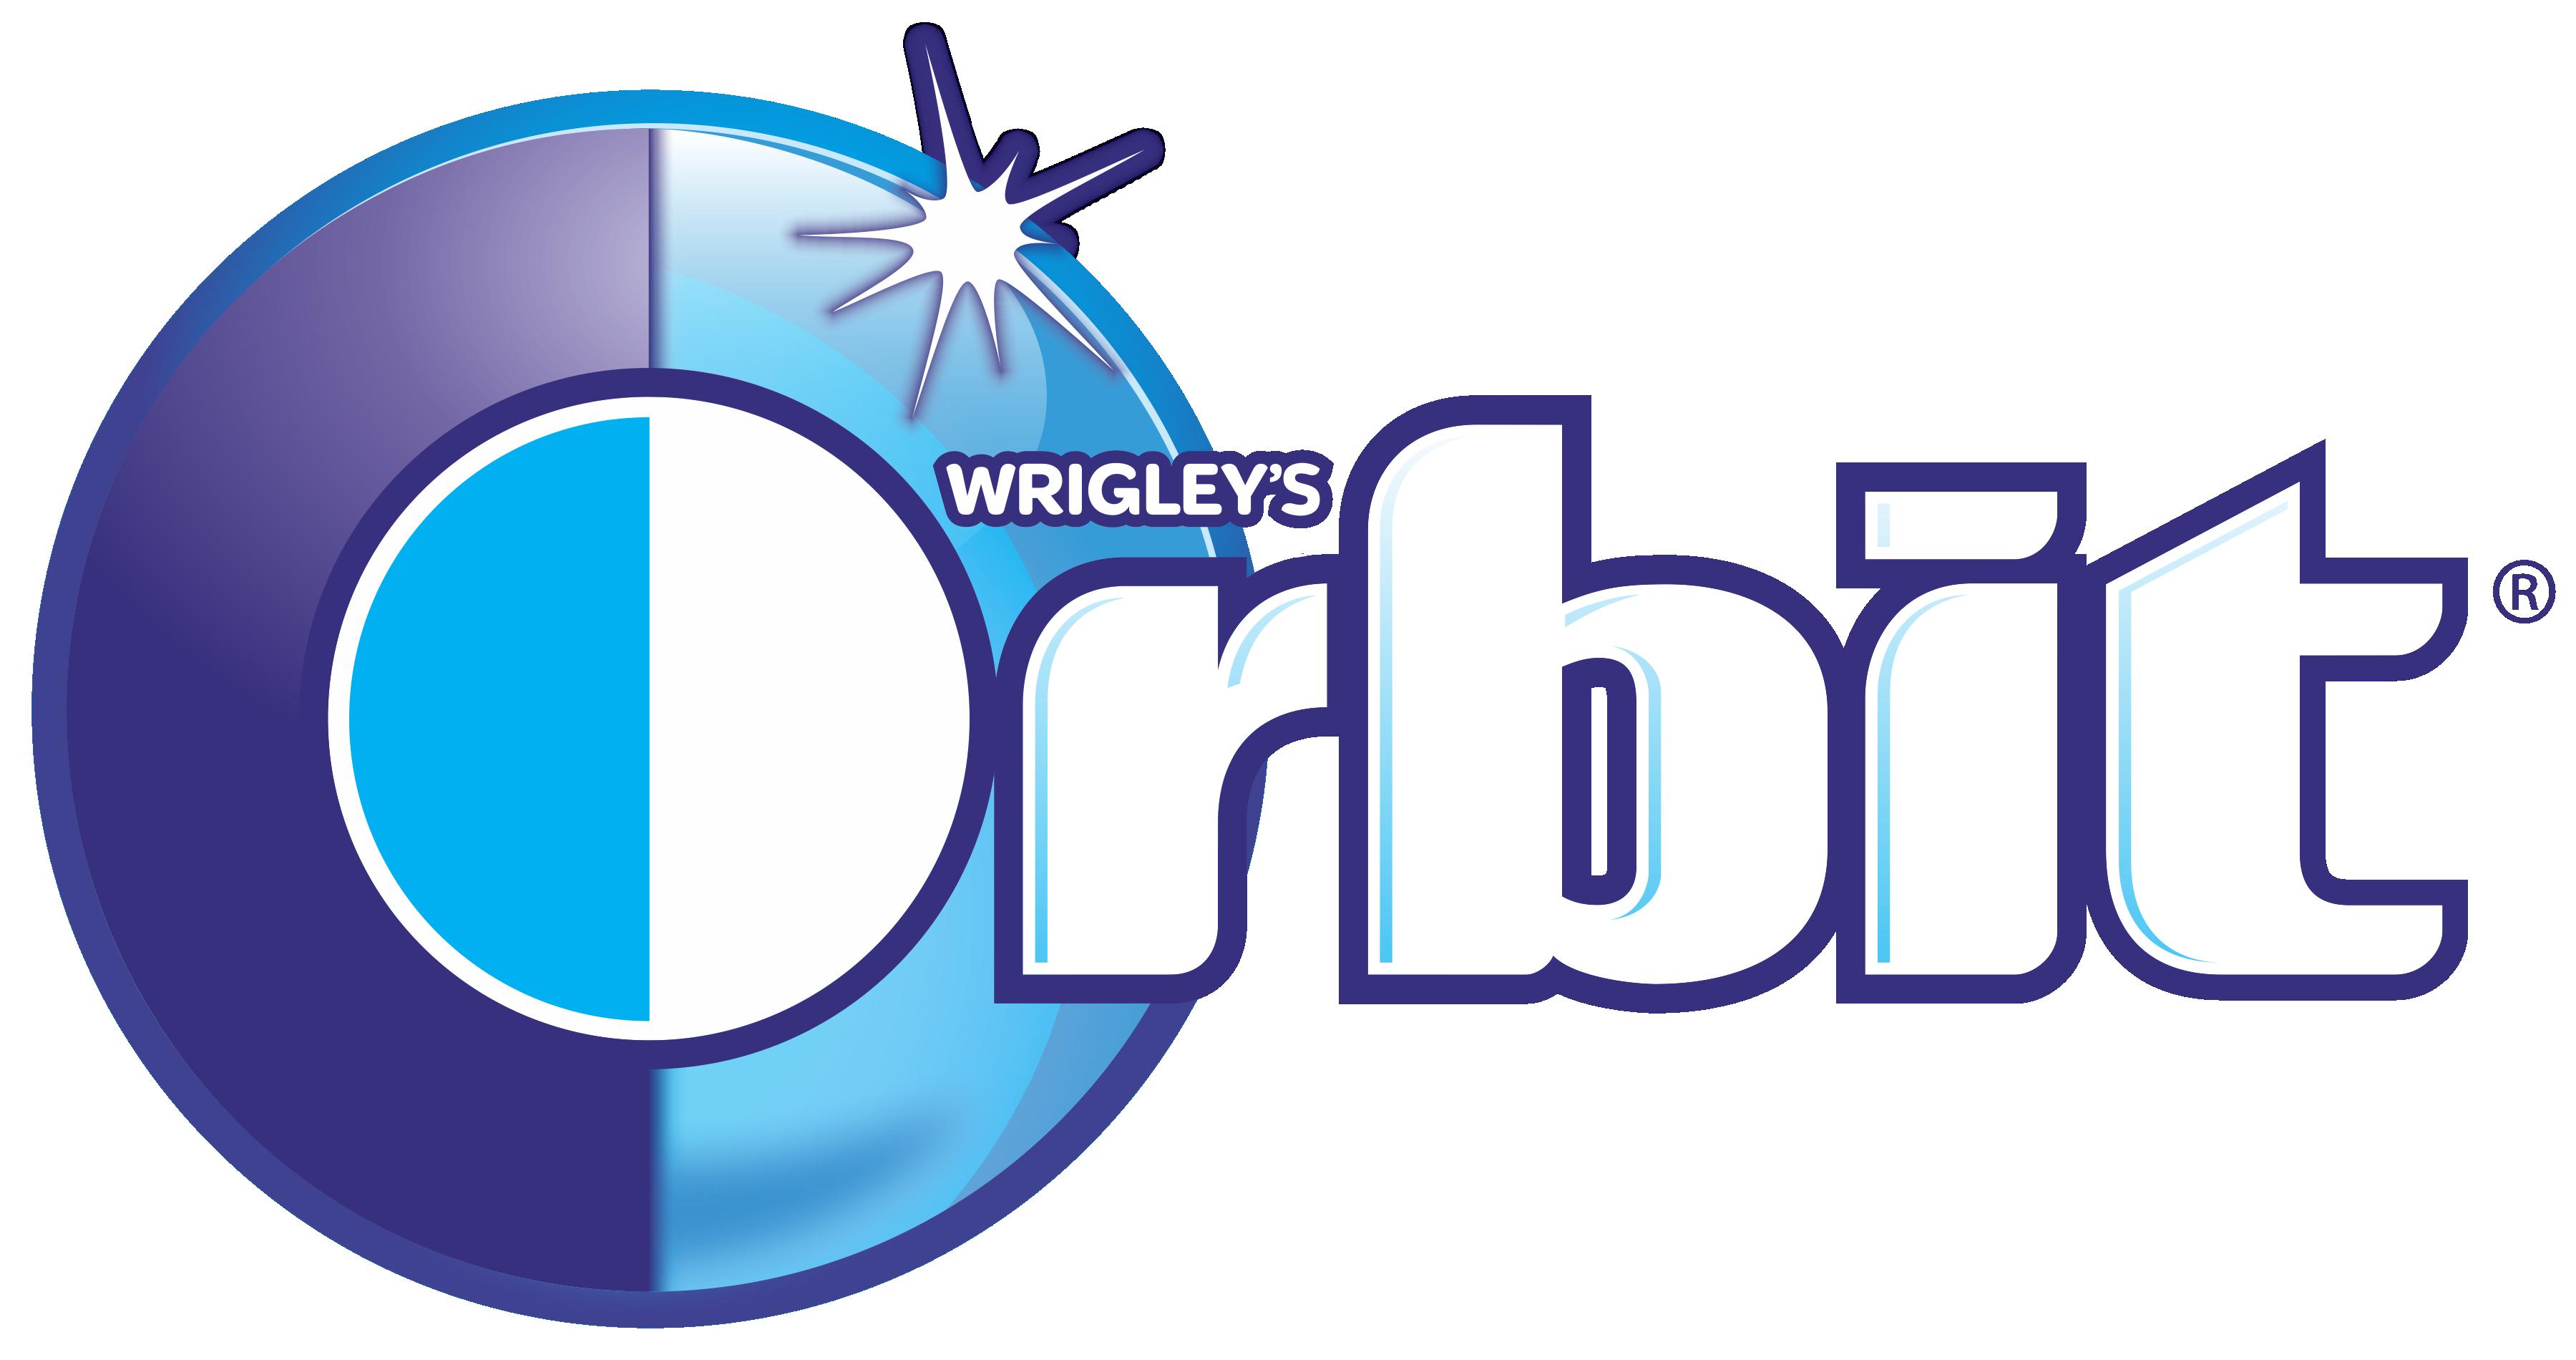 orbit � logos download